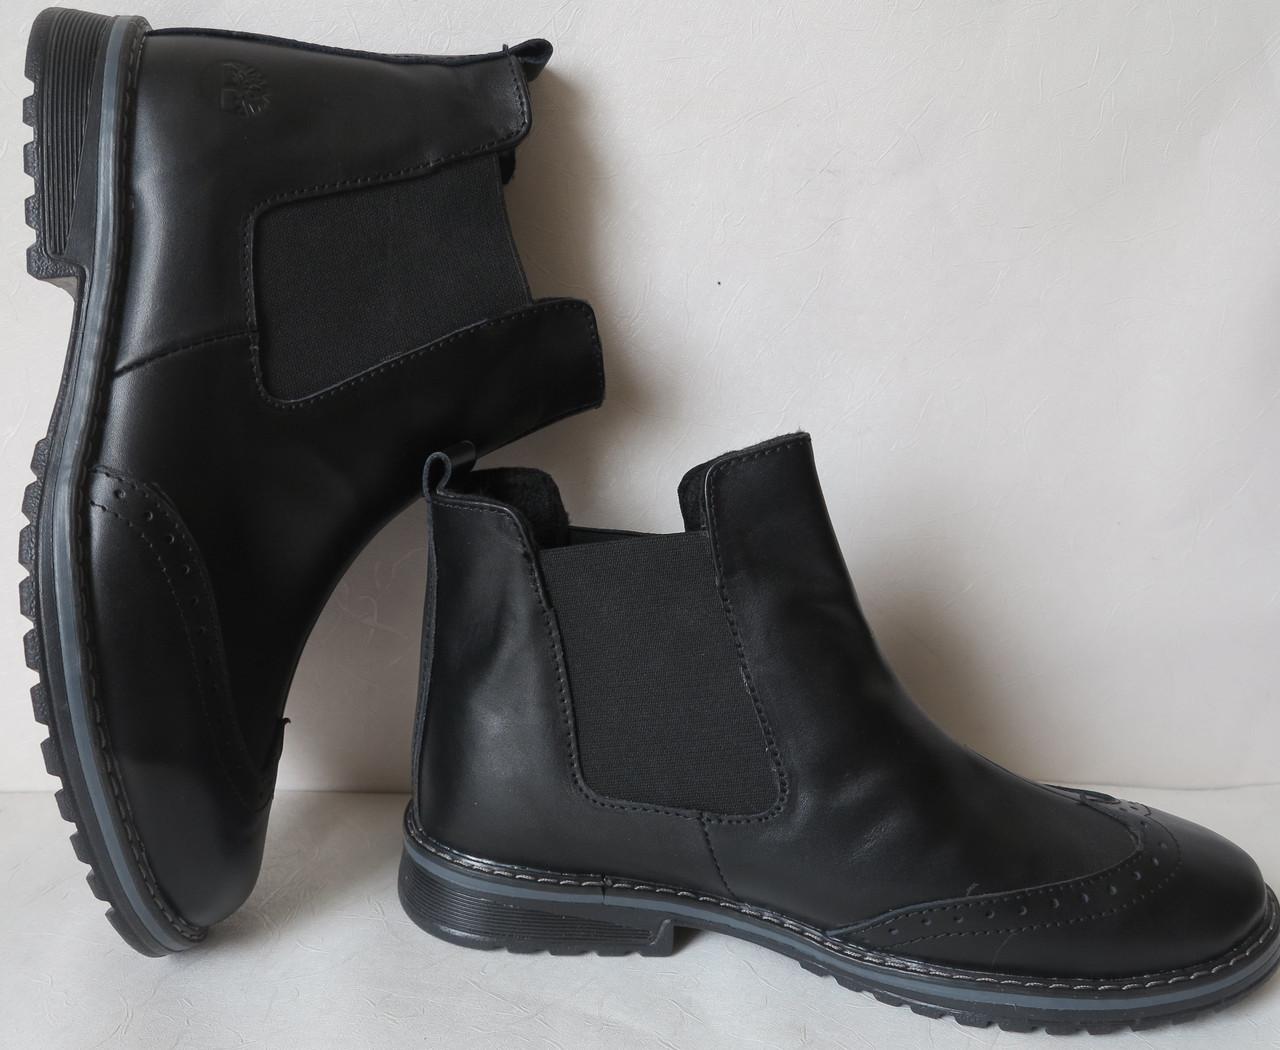 Женские стильные ботинки в стиле Timberland челси натуральная кожа оксфорд батал